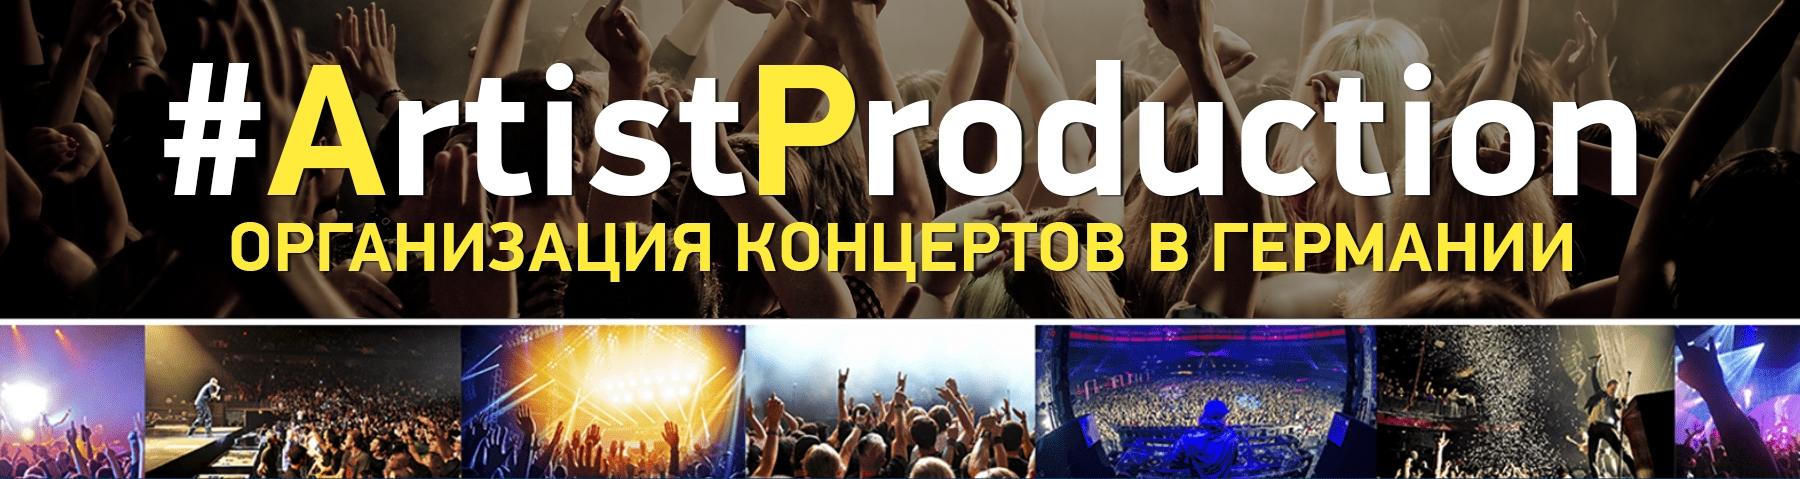 Artist Production Eventagentur, unser Team organisiert Konzerte in Deutschland